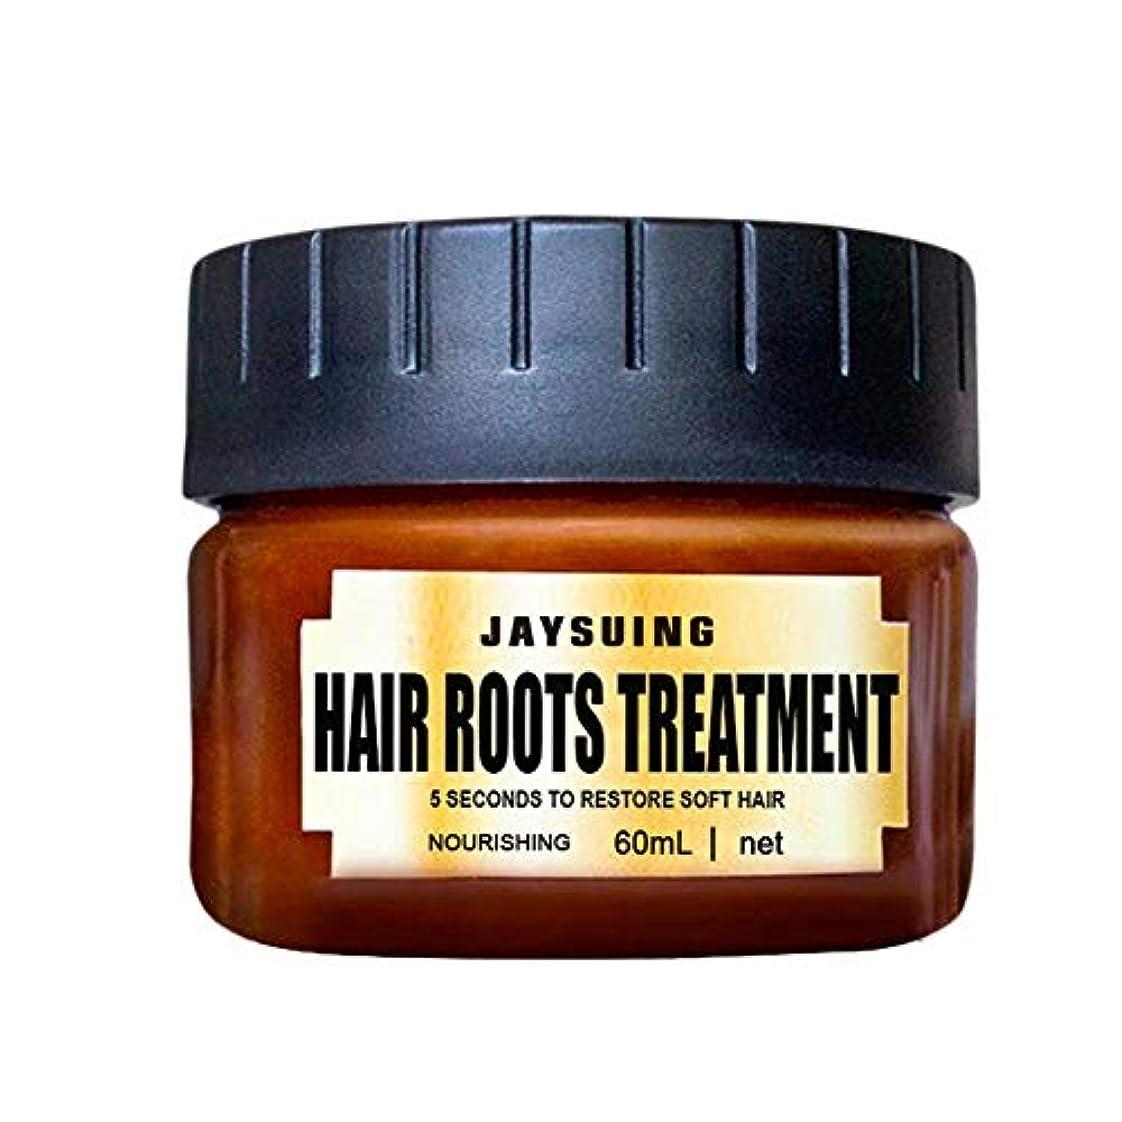 散らすランドリー制裁ヘアマスク 浸透美容液 60ML ダメージディフェンス ヘアルーツヘ 乾燥 傷んだ髪